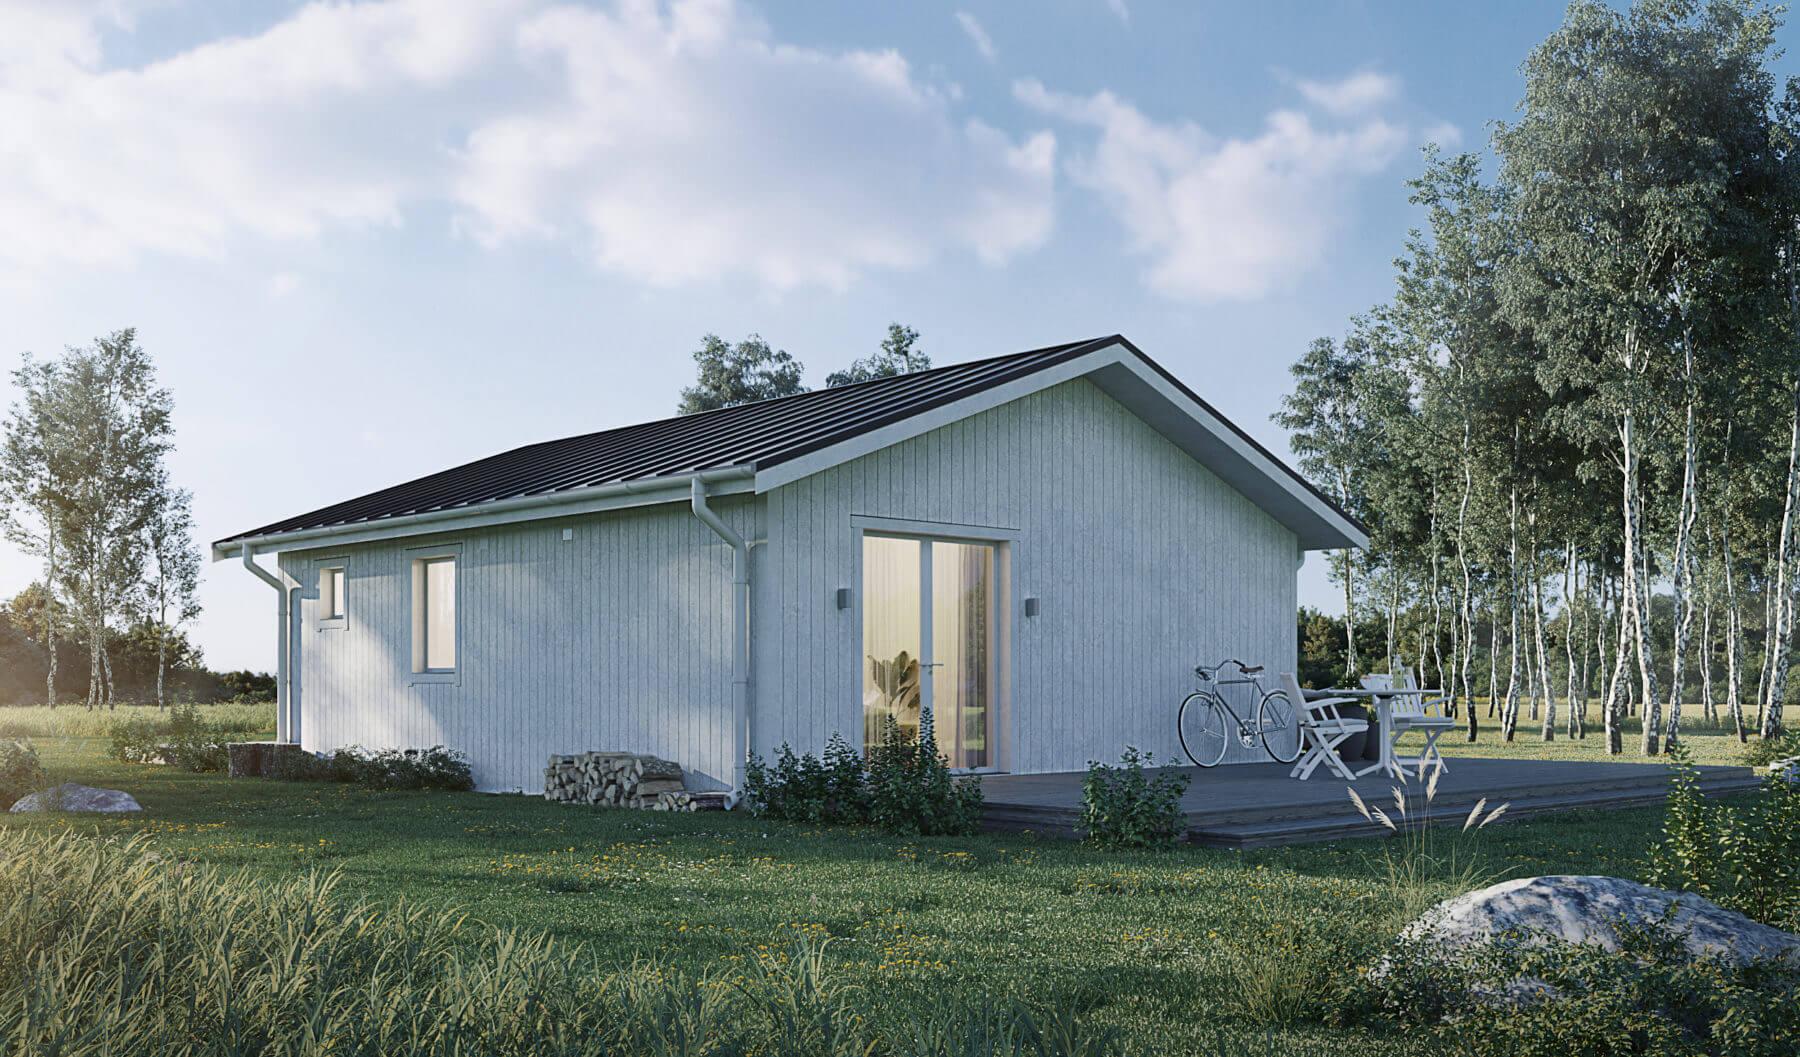 Fritidshus på 60 kvm med klassiskt sadeltak och vit exteriör